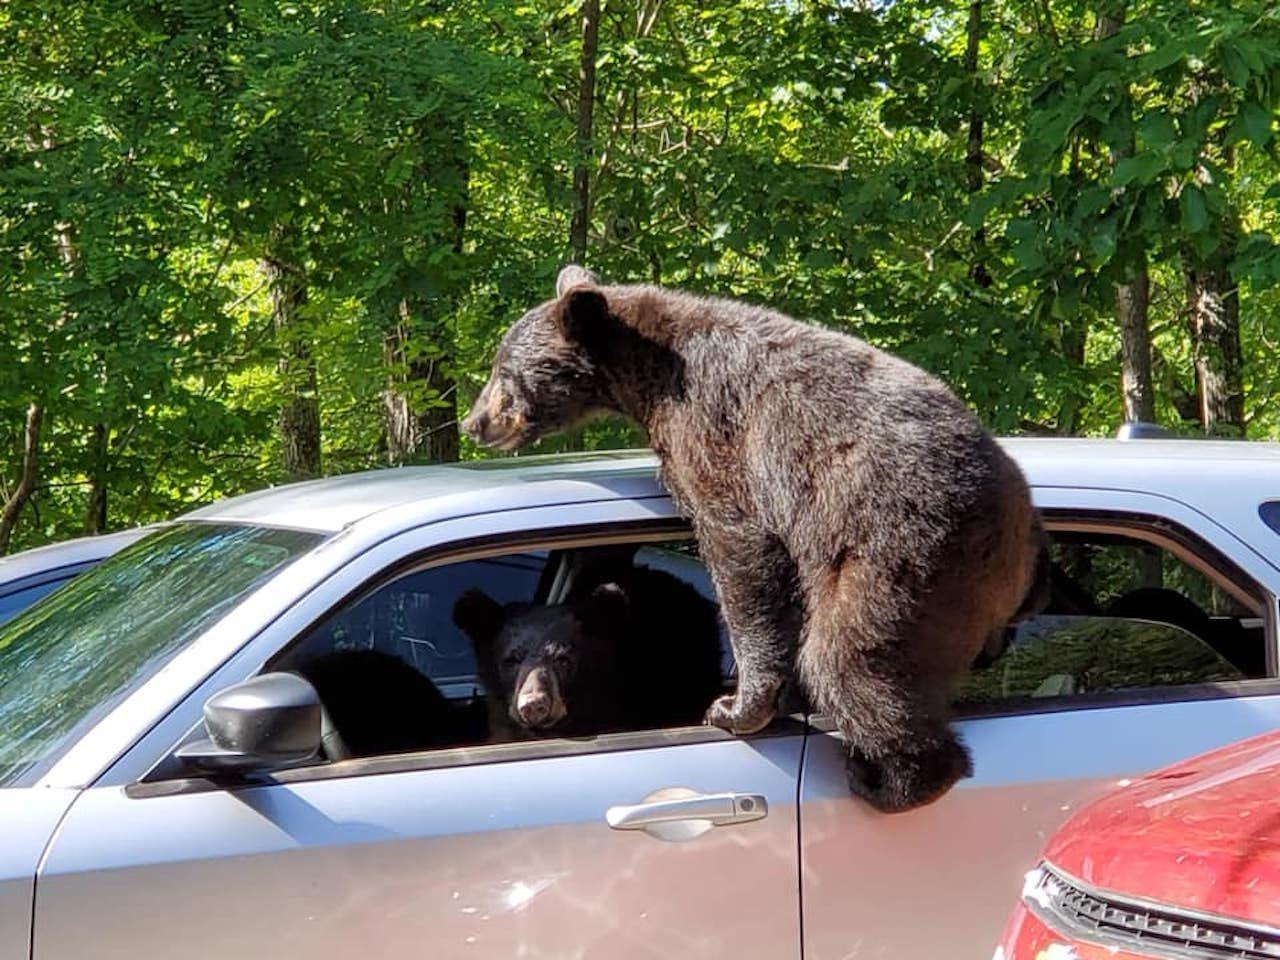 Three bears climb into man's car